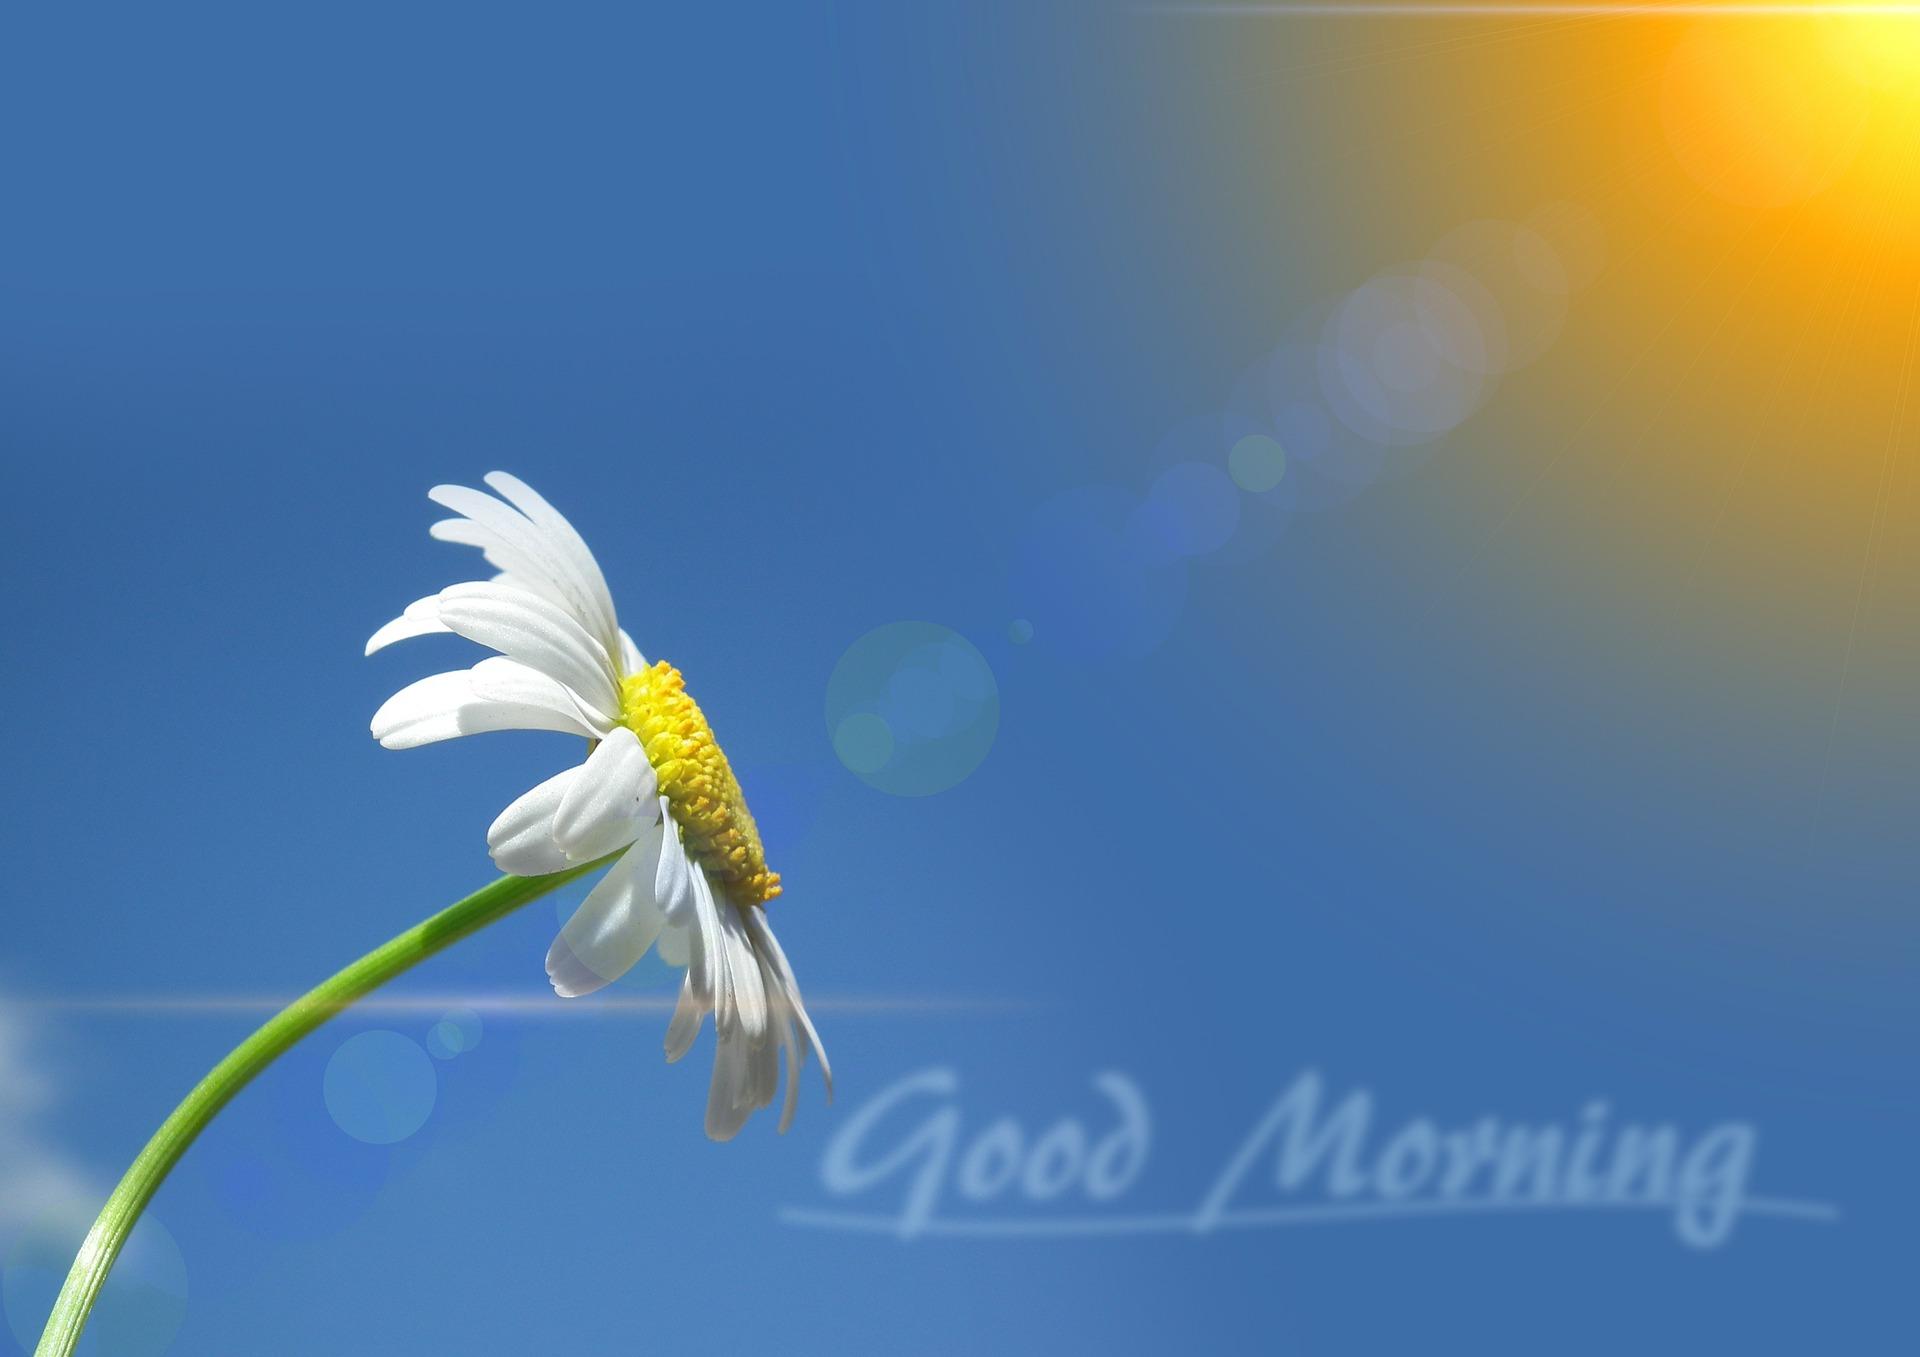 Για μία θετική καθημερινότητα ξεκινήστε με μία ζεστή καλημέρα…